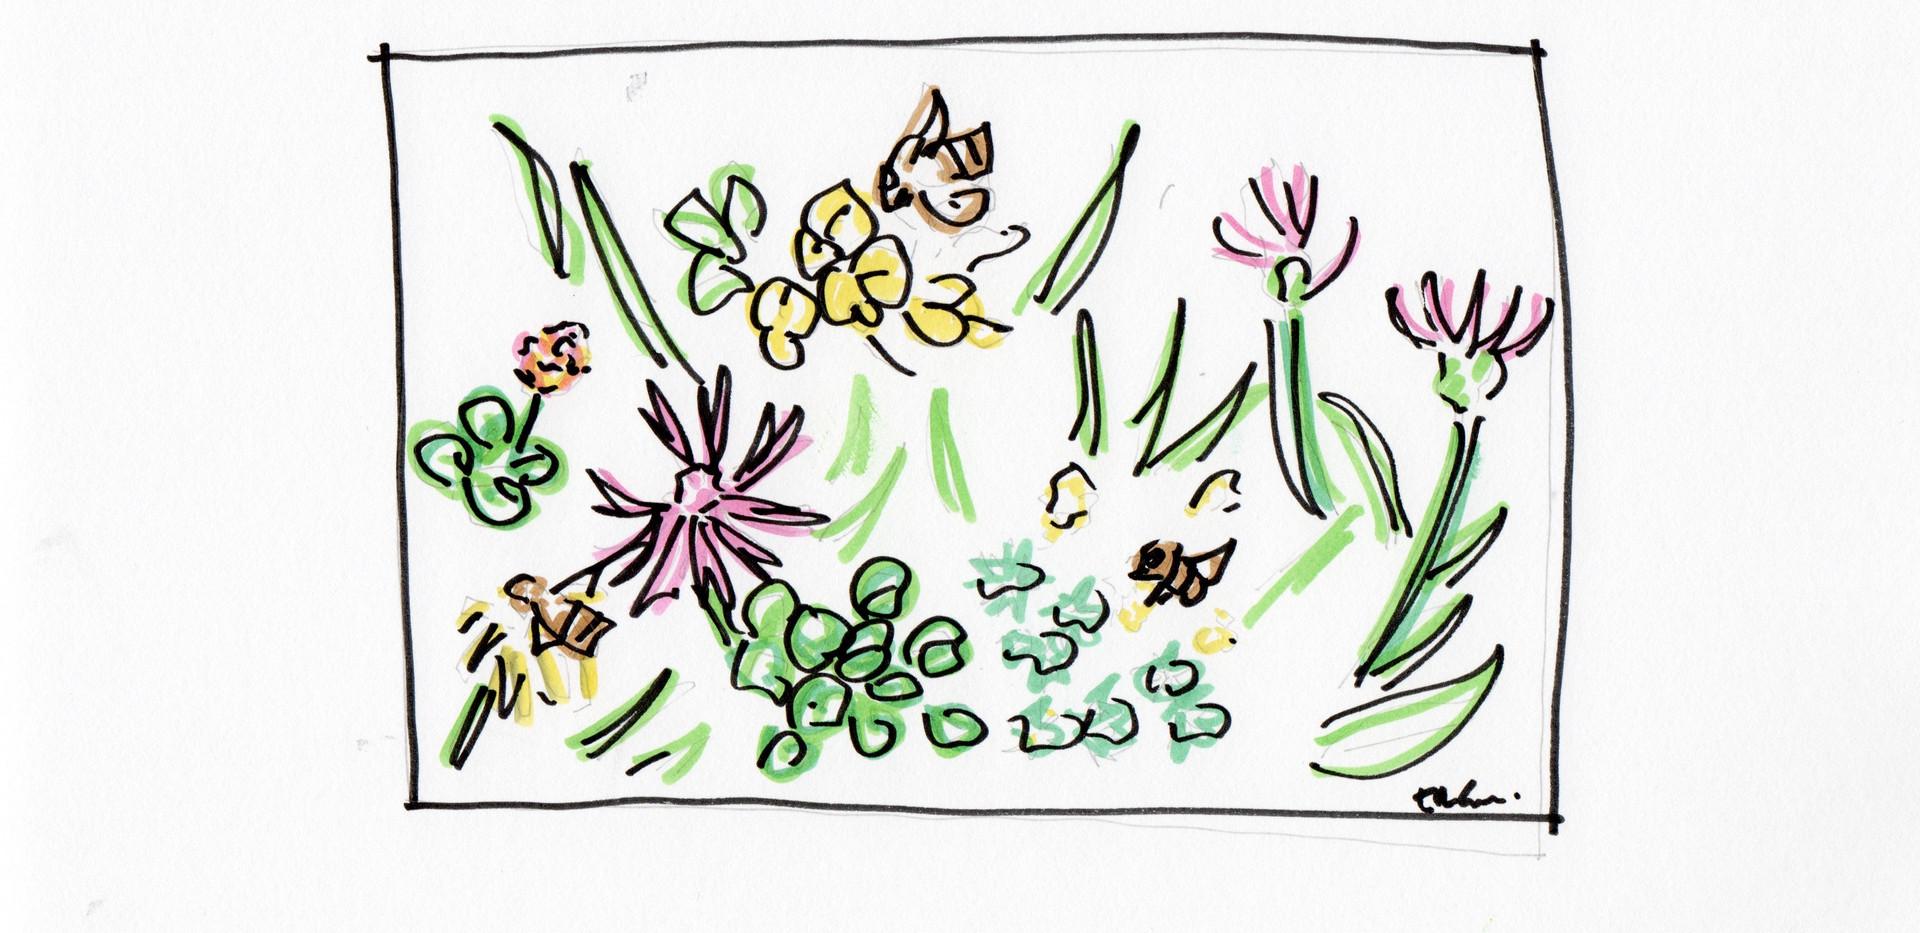 Vild Blommor sketch .jpeg